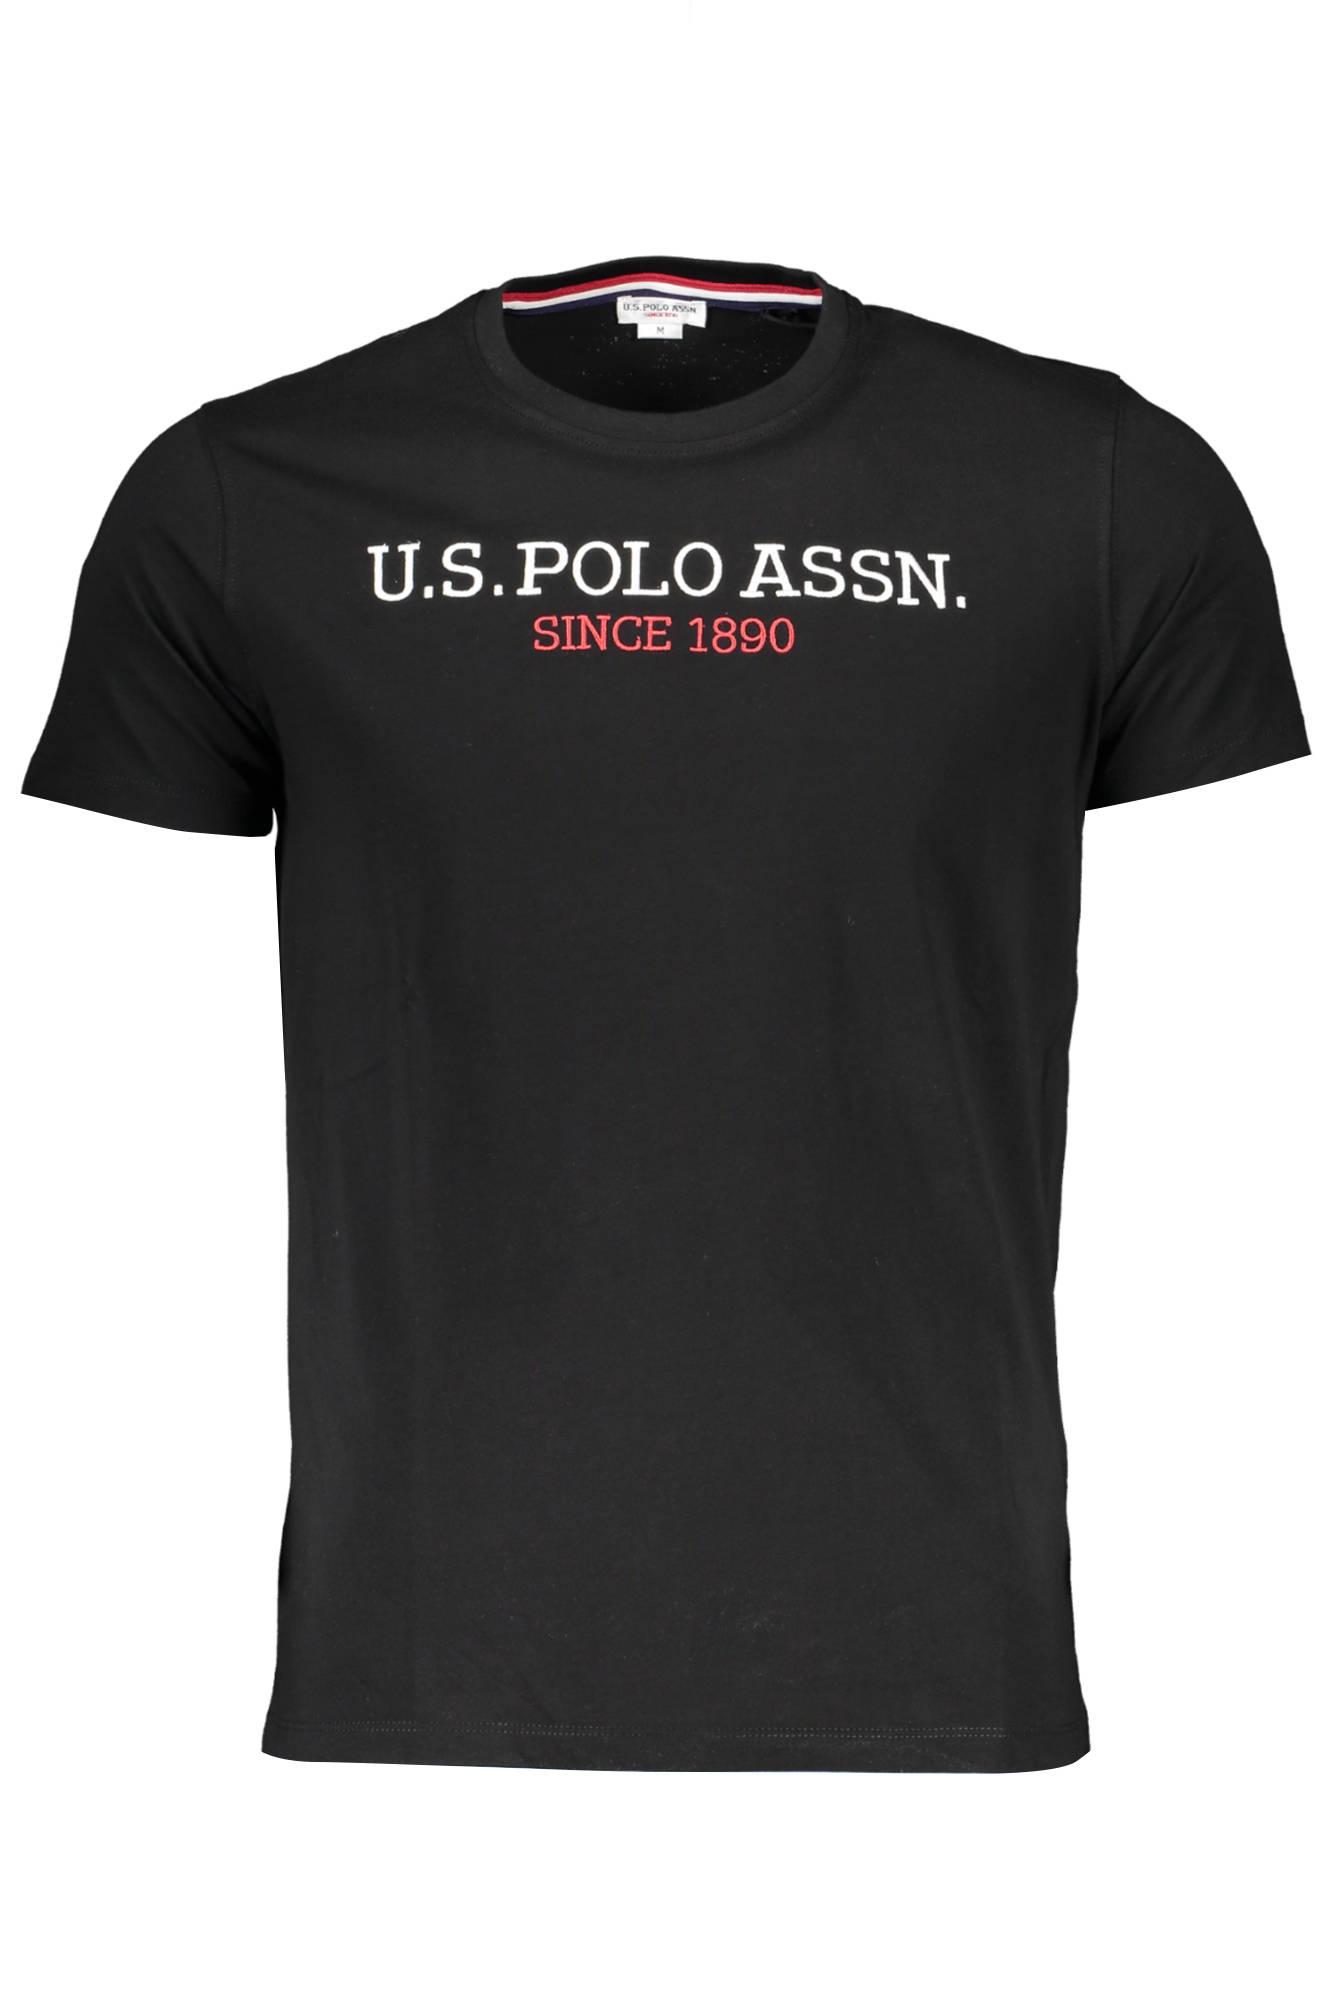 Tričko U.S. POLO tričko s krátkým rukávem NERO